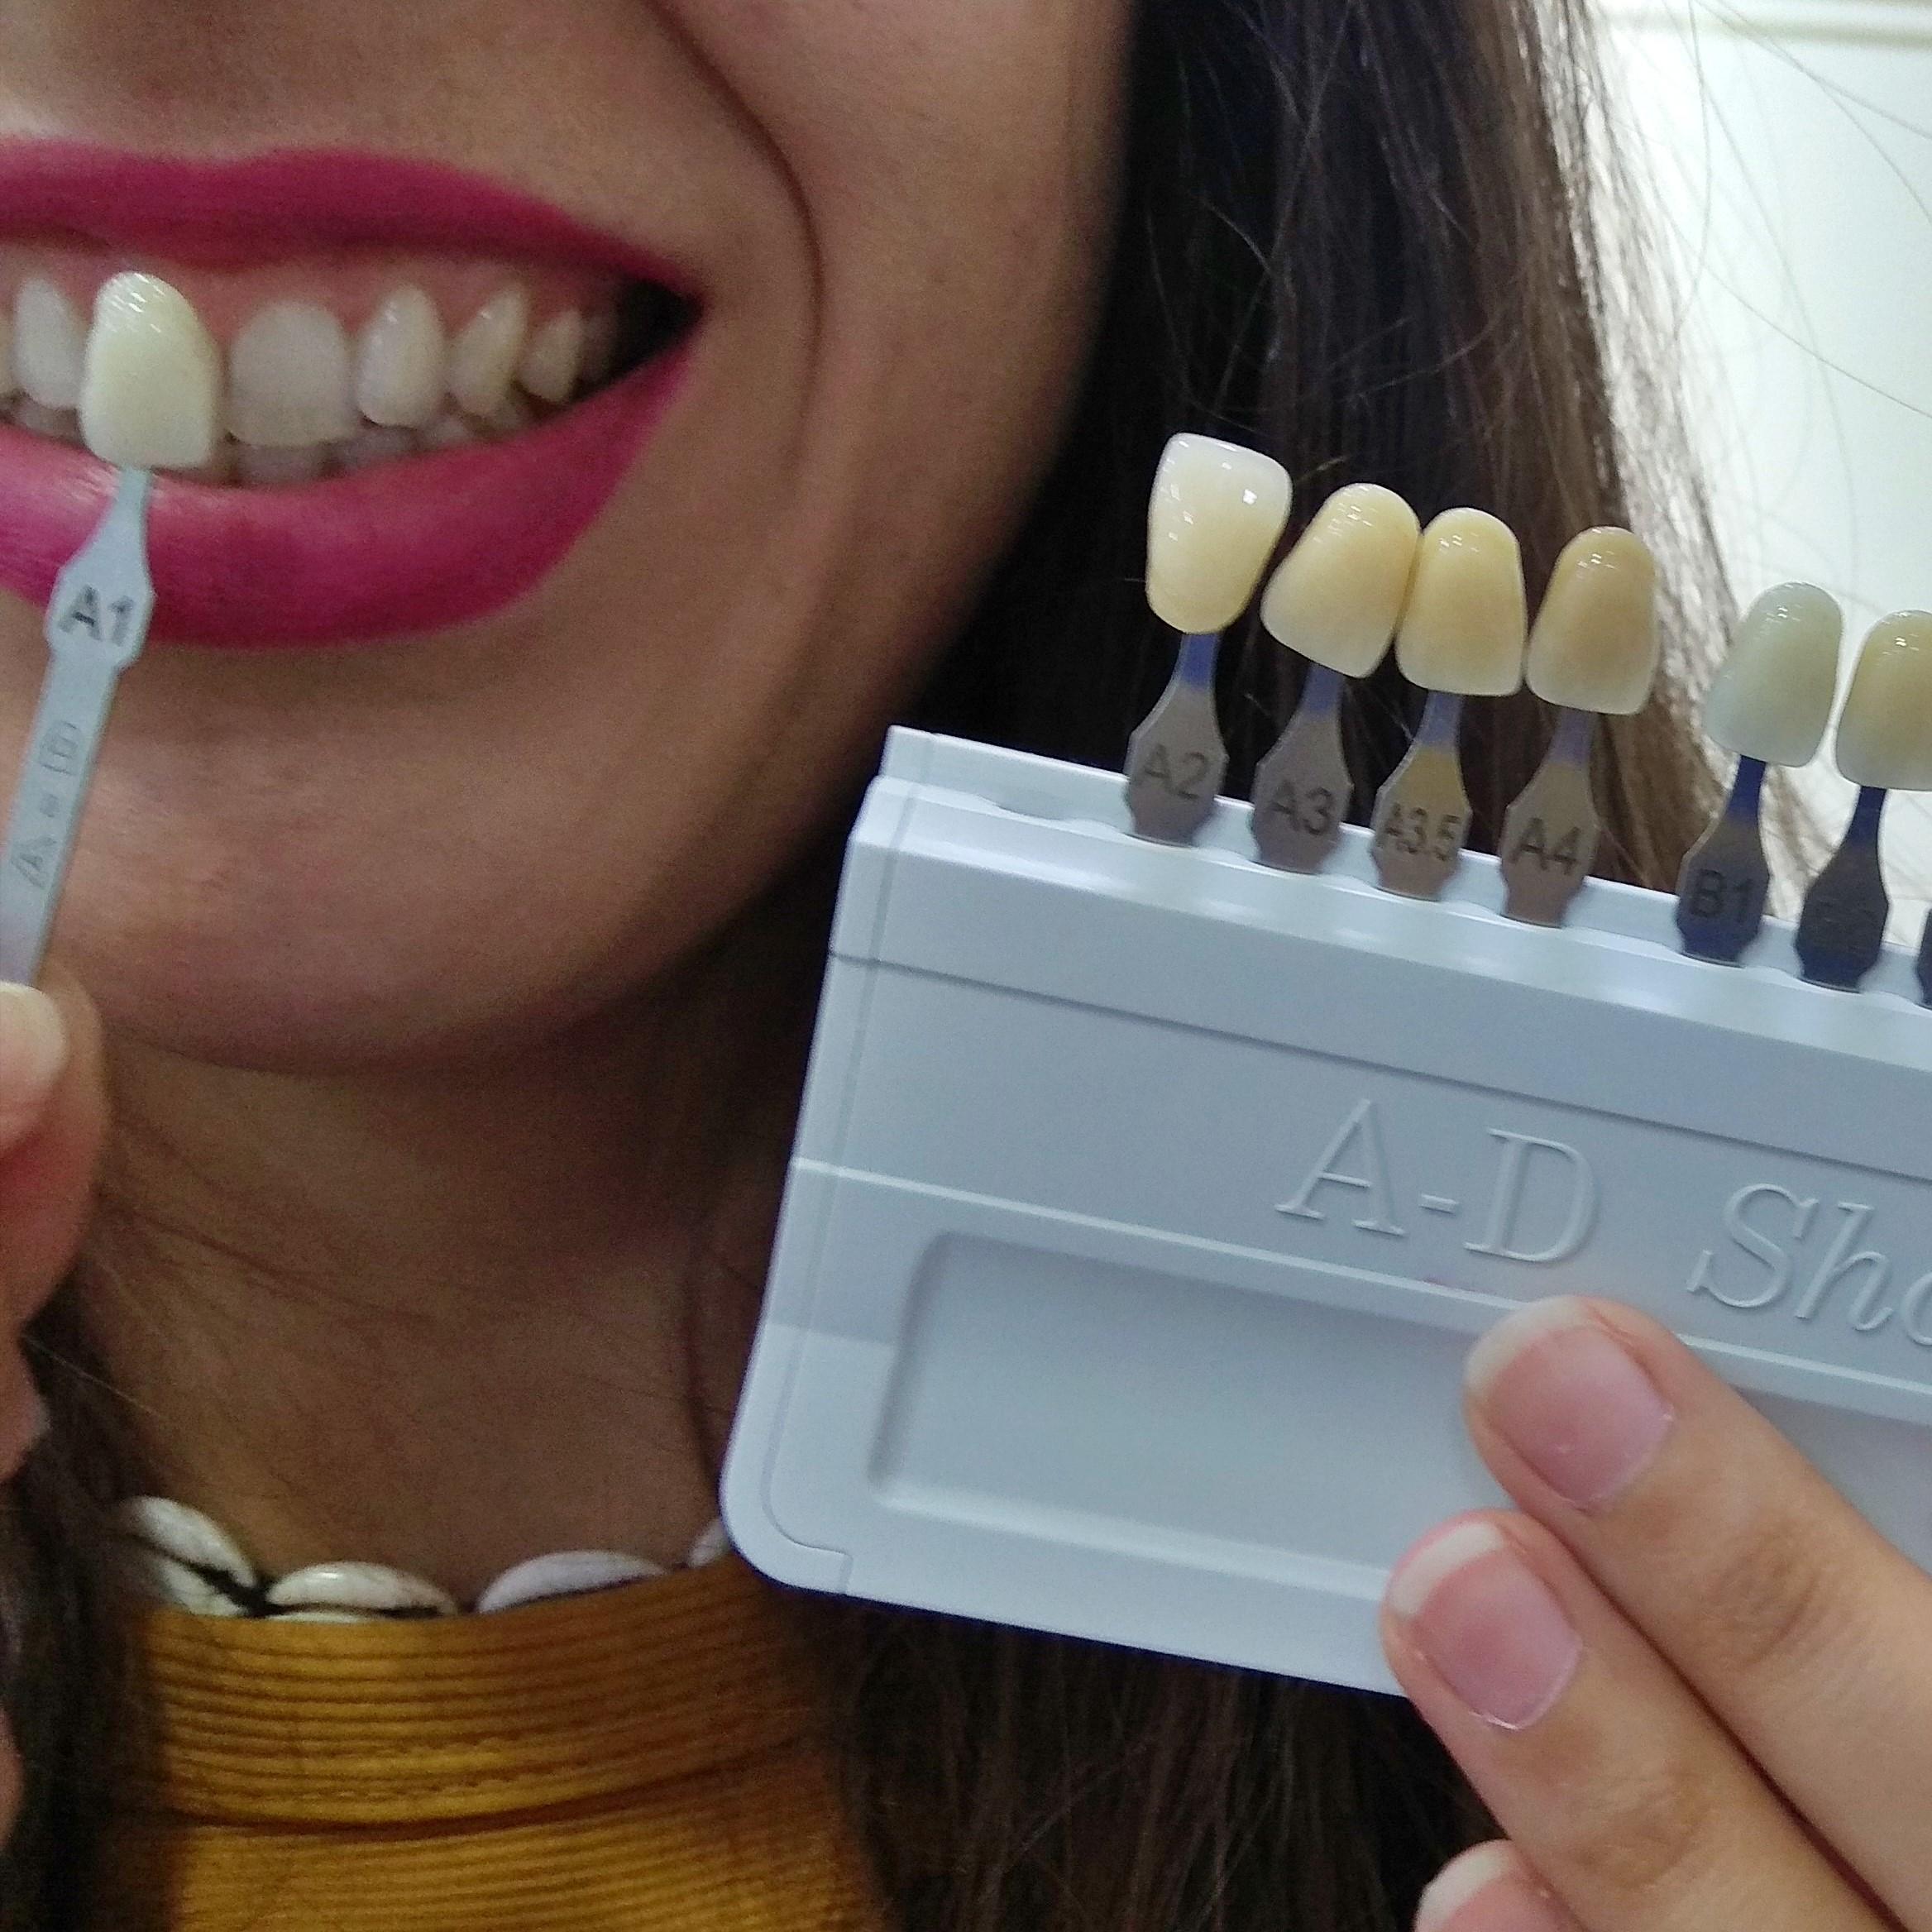 Blanqueamiento Dental: Qué es y Cuáles son sus Ventajas 7